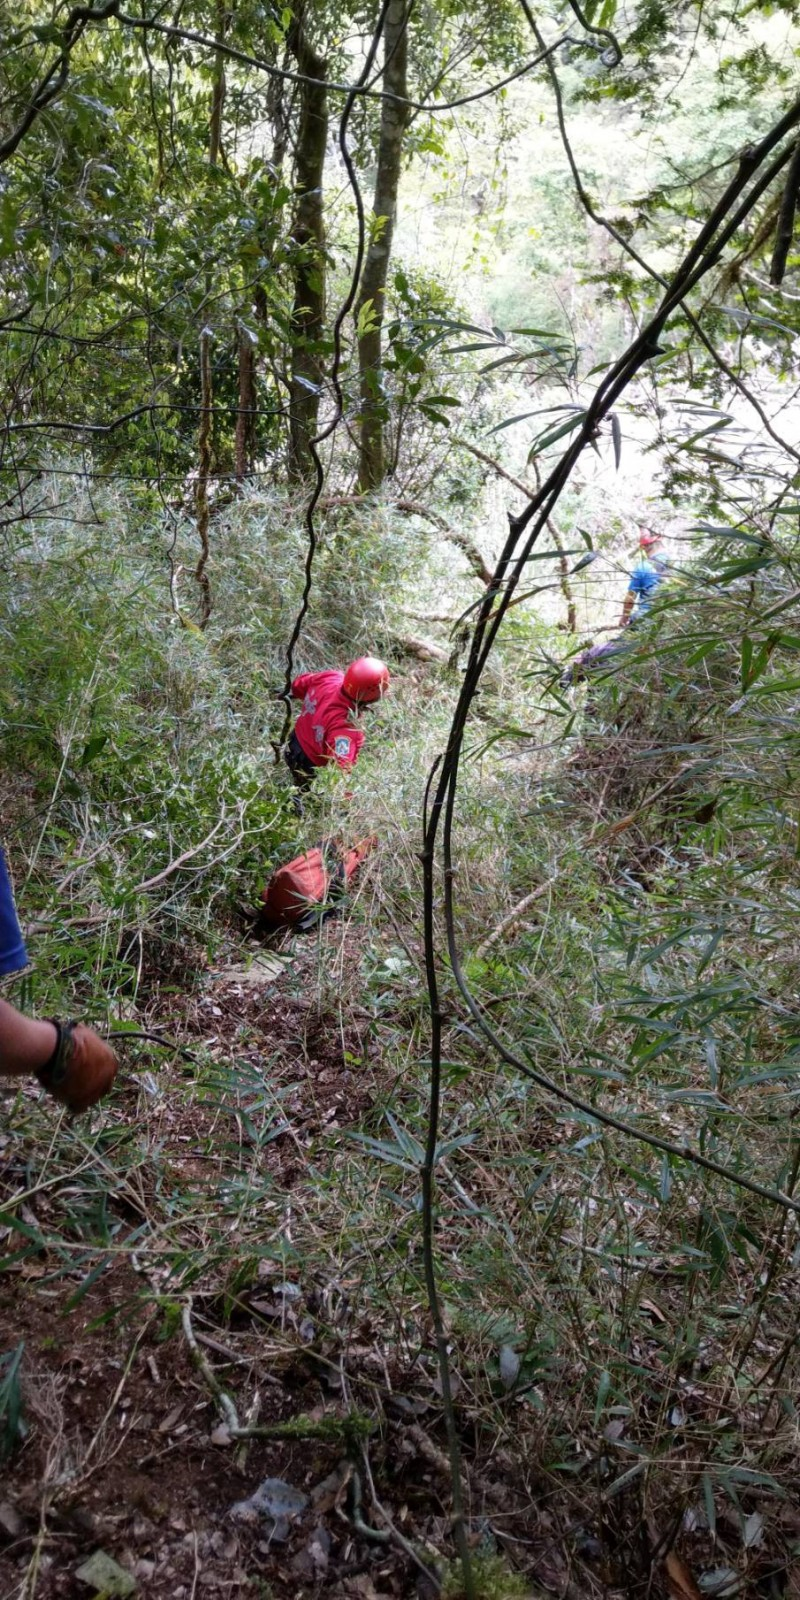 新北登山隊伍一位王姓隊員失足墜谷,人已尋獲但無生命跡象。本照片為示意照,與本新聞無關。(資料照)